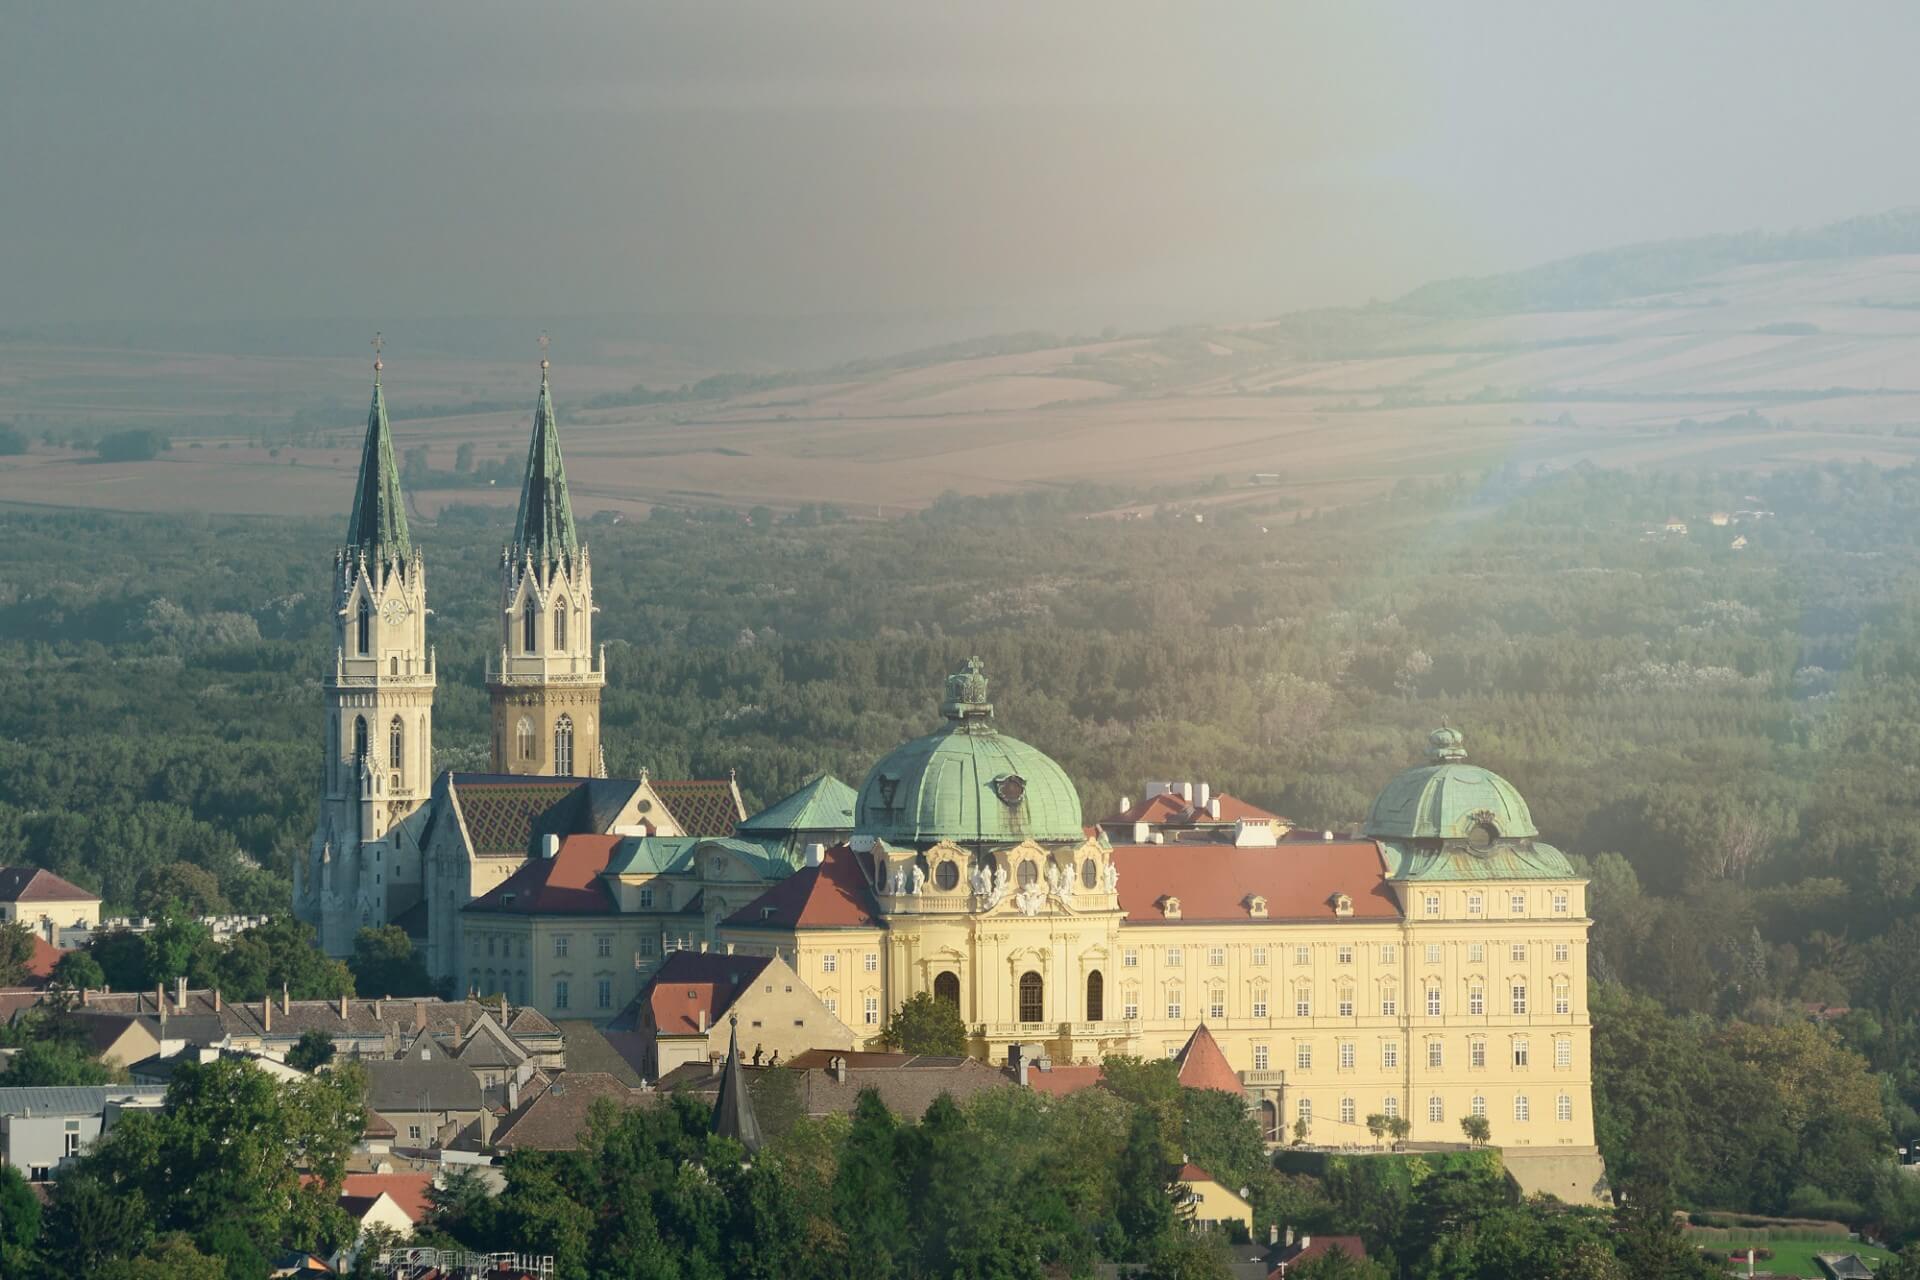 Eine Stadtgemeinde für jedermann – Klosterneuburg